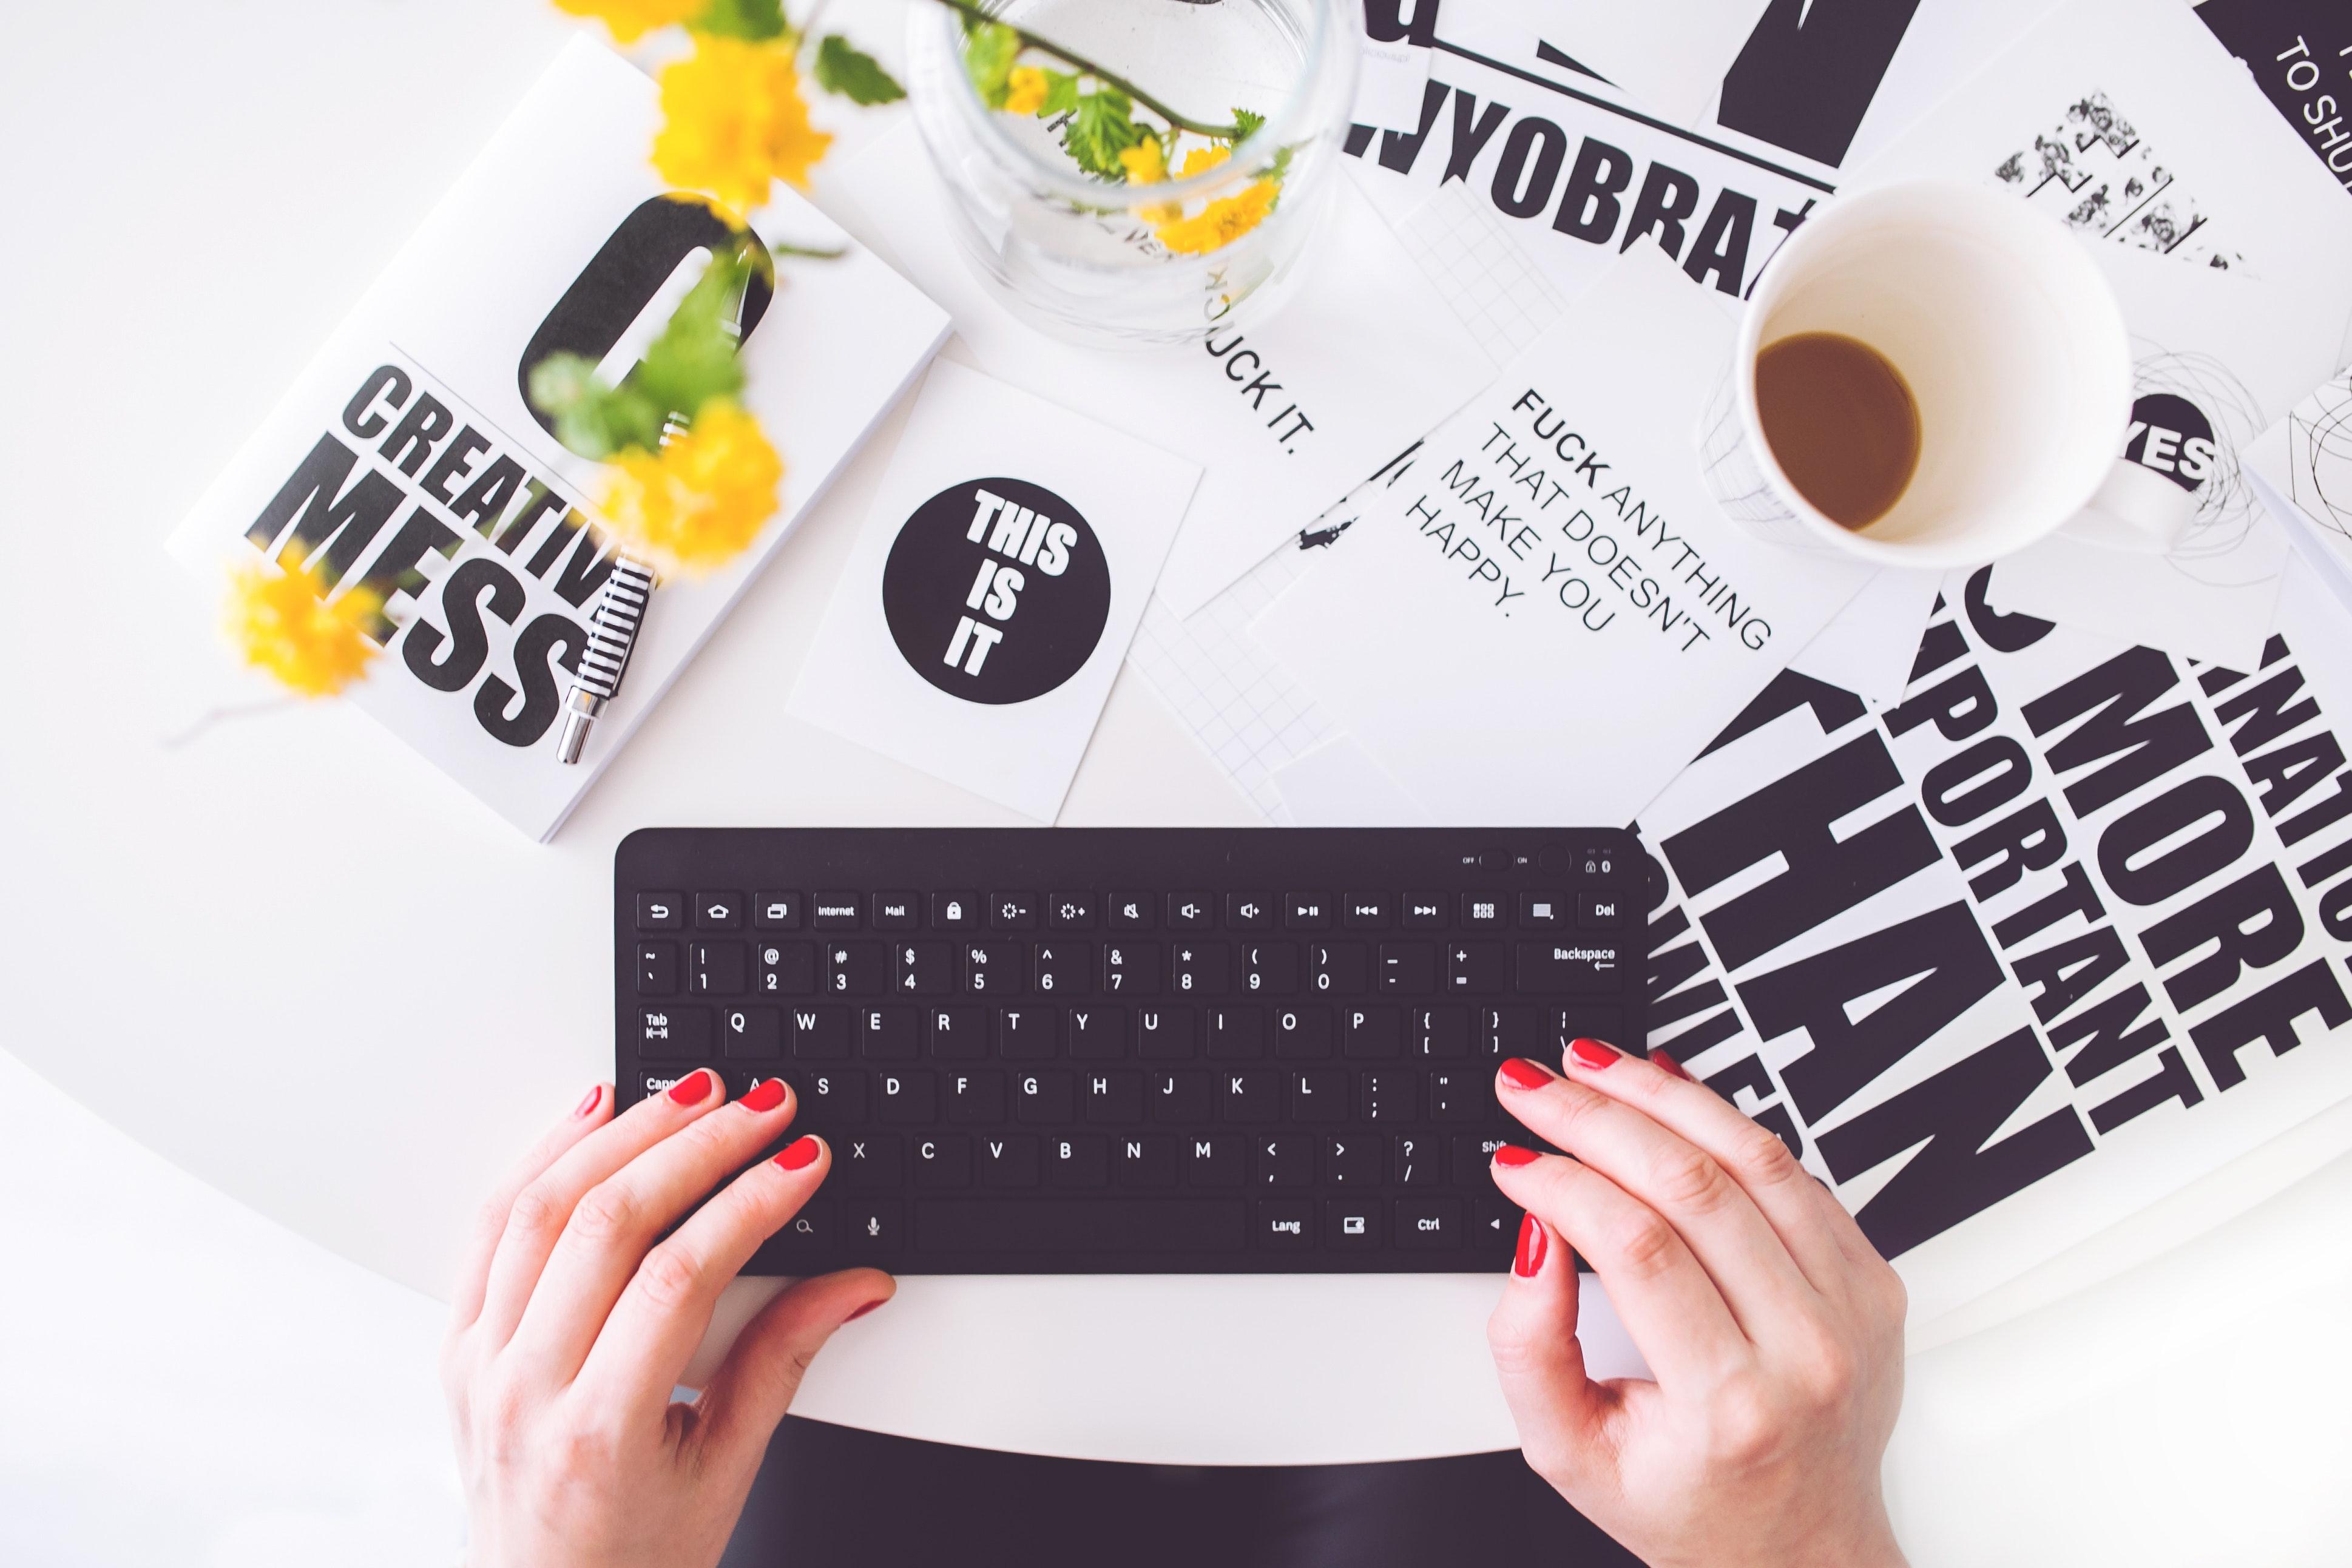 他人の記事を合法的にパクる方法【ブログ運営】